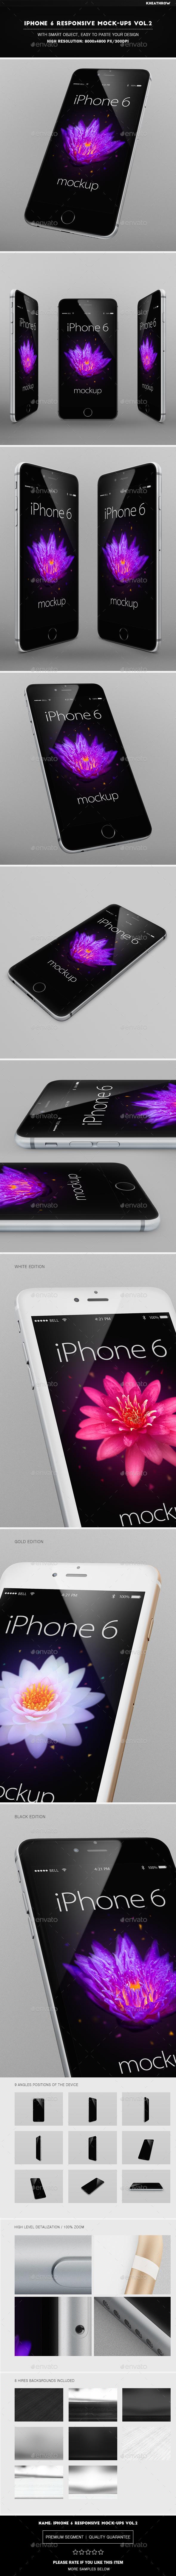 IPhone 6 Responsive Mock-Ups Vol.2 - Mobile Displays